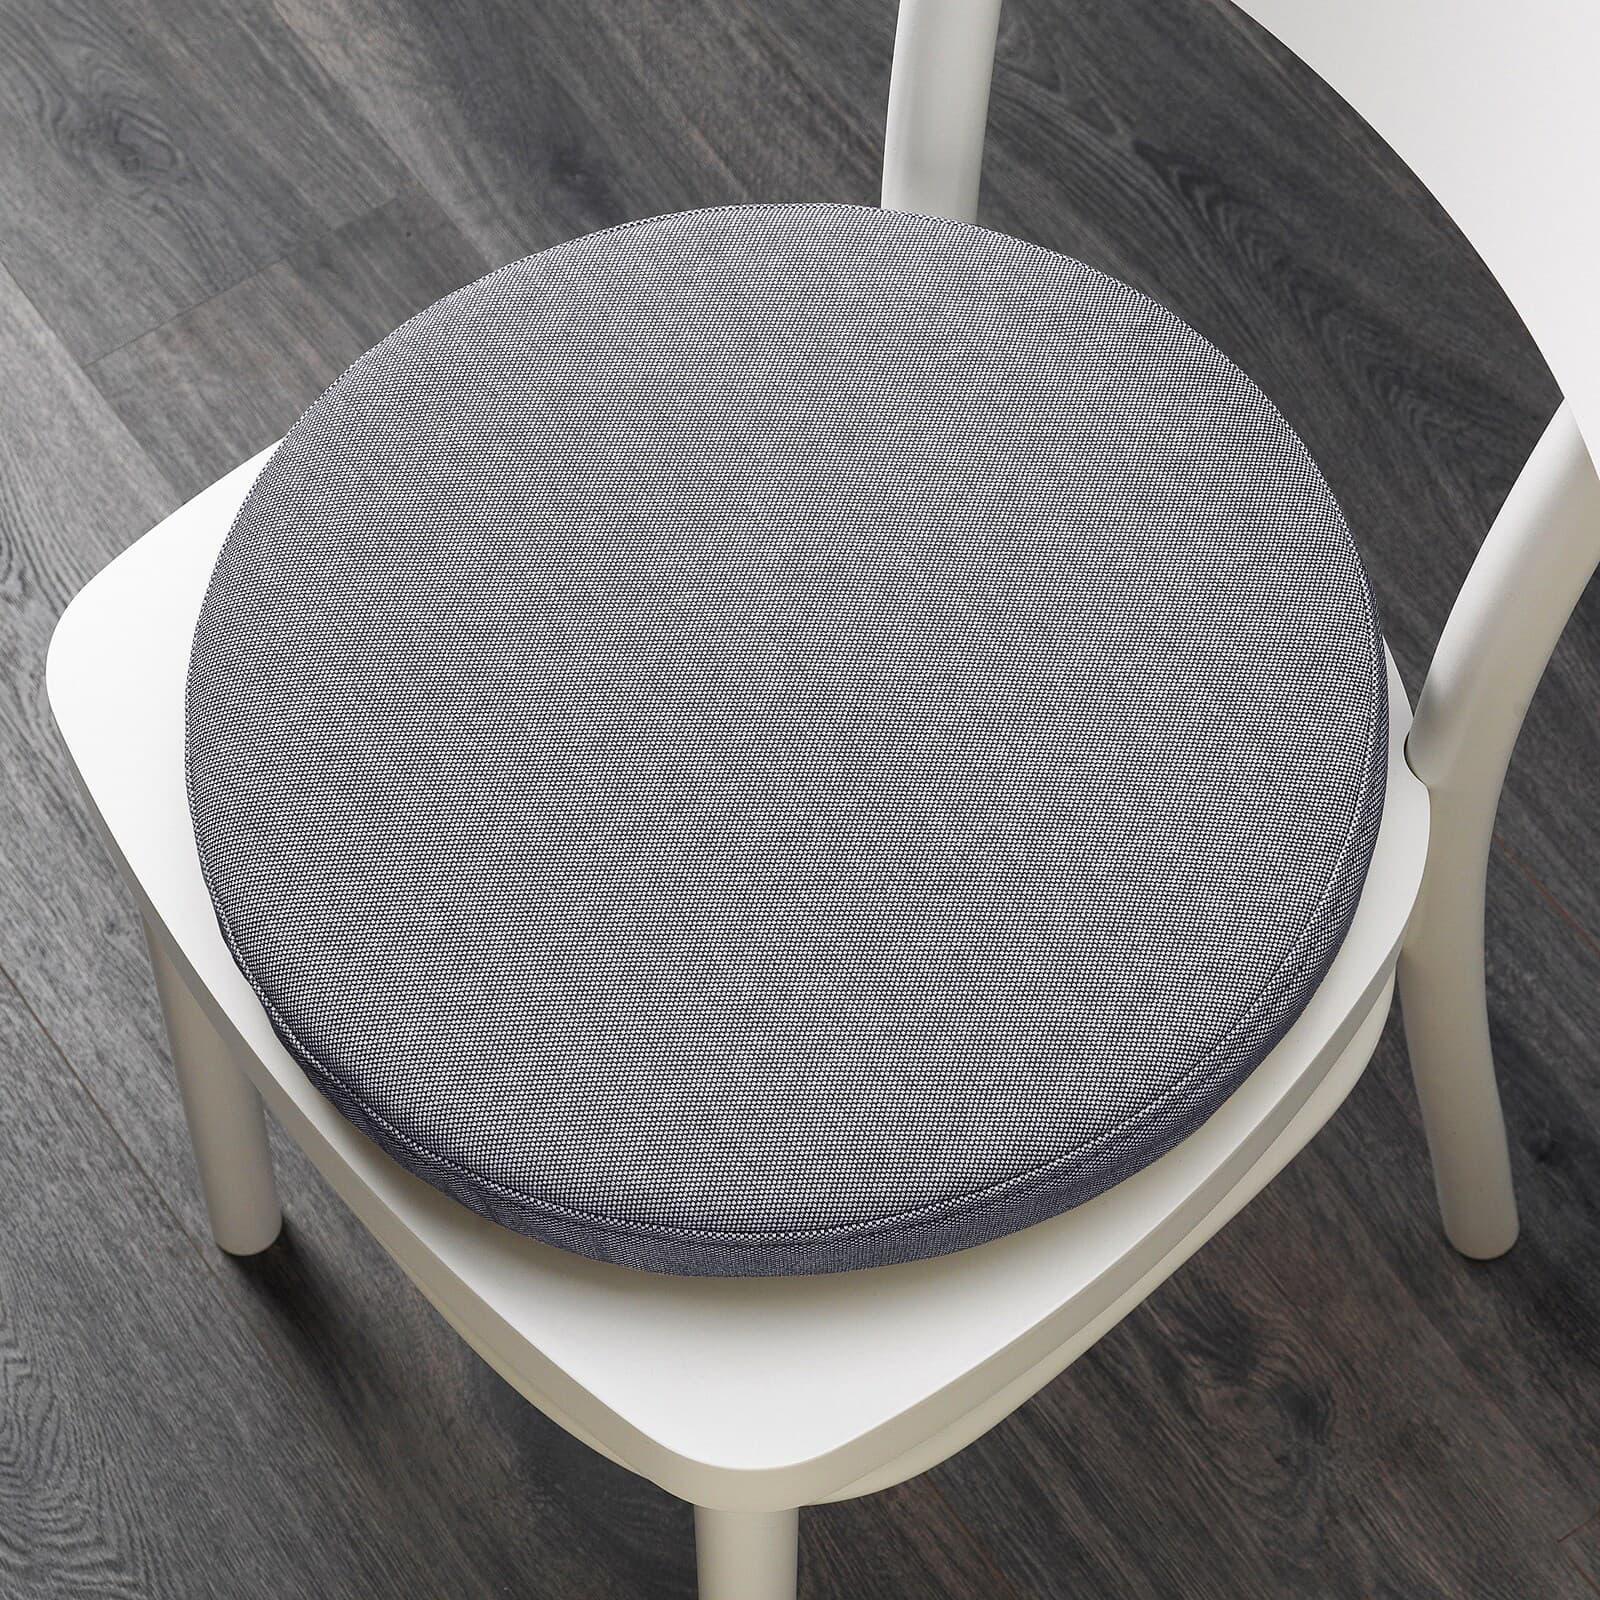 Cuscino rotondo Omtaenksam - Fonte foto: Ikea